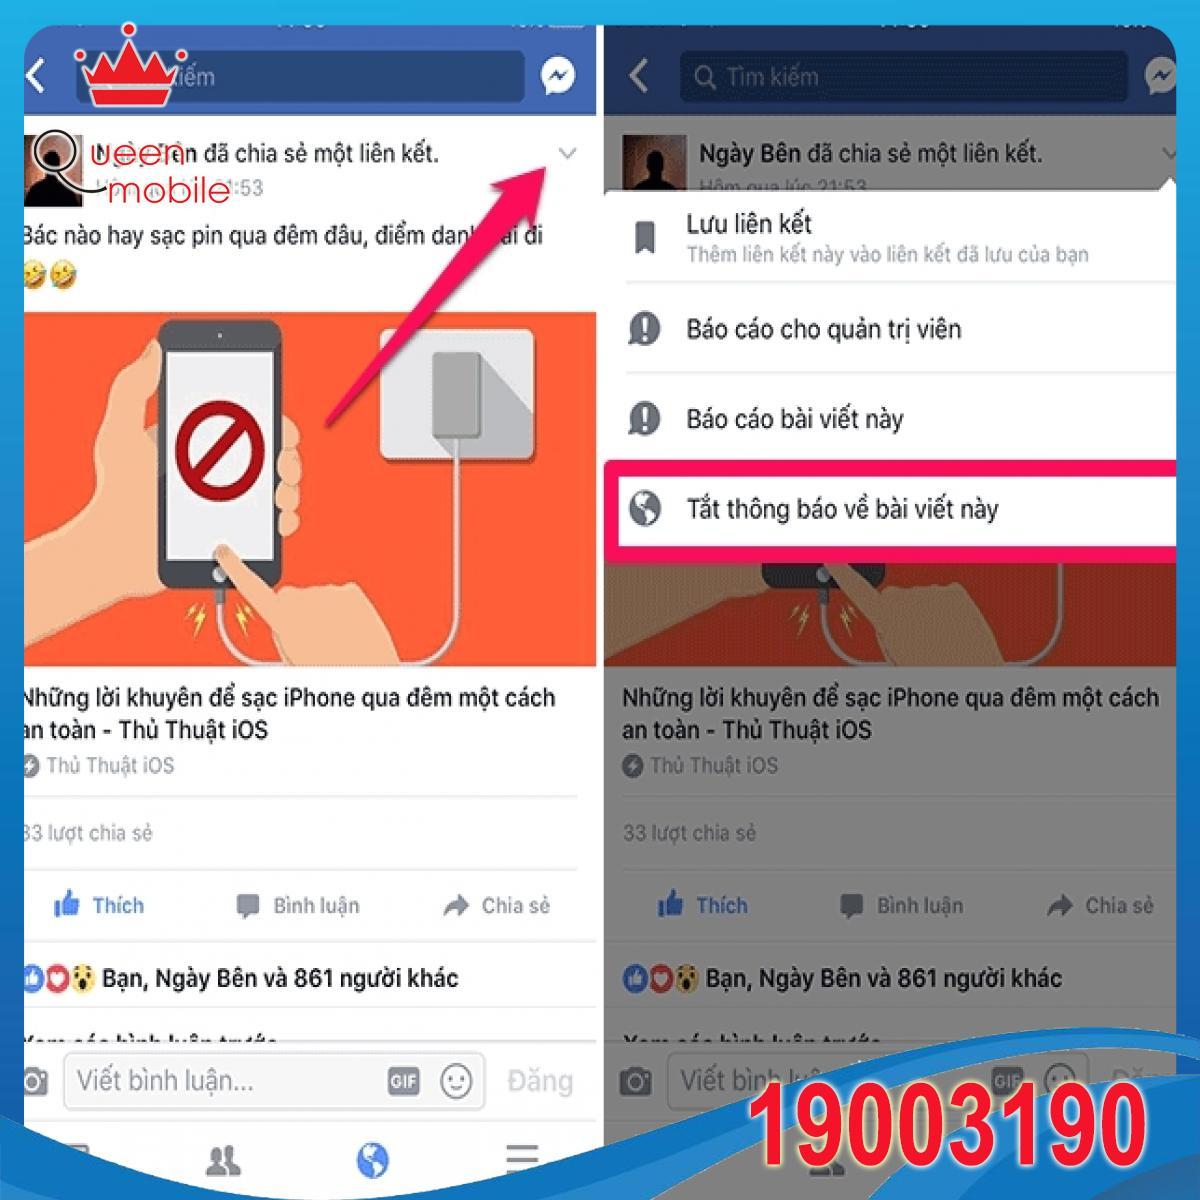 Hướng dẫn kiểm soát thông báo của Facebook trên iPhone và máy tính